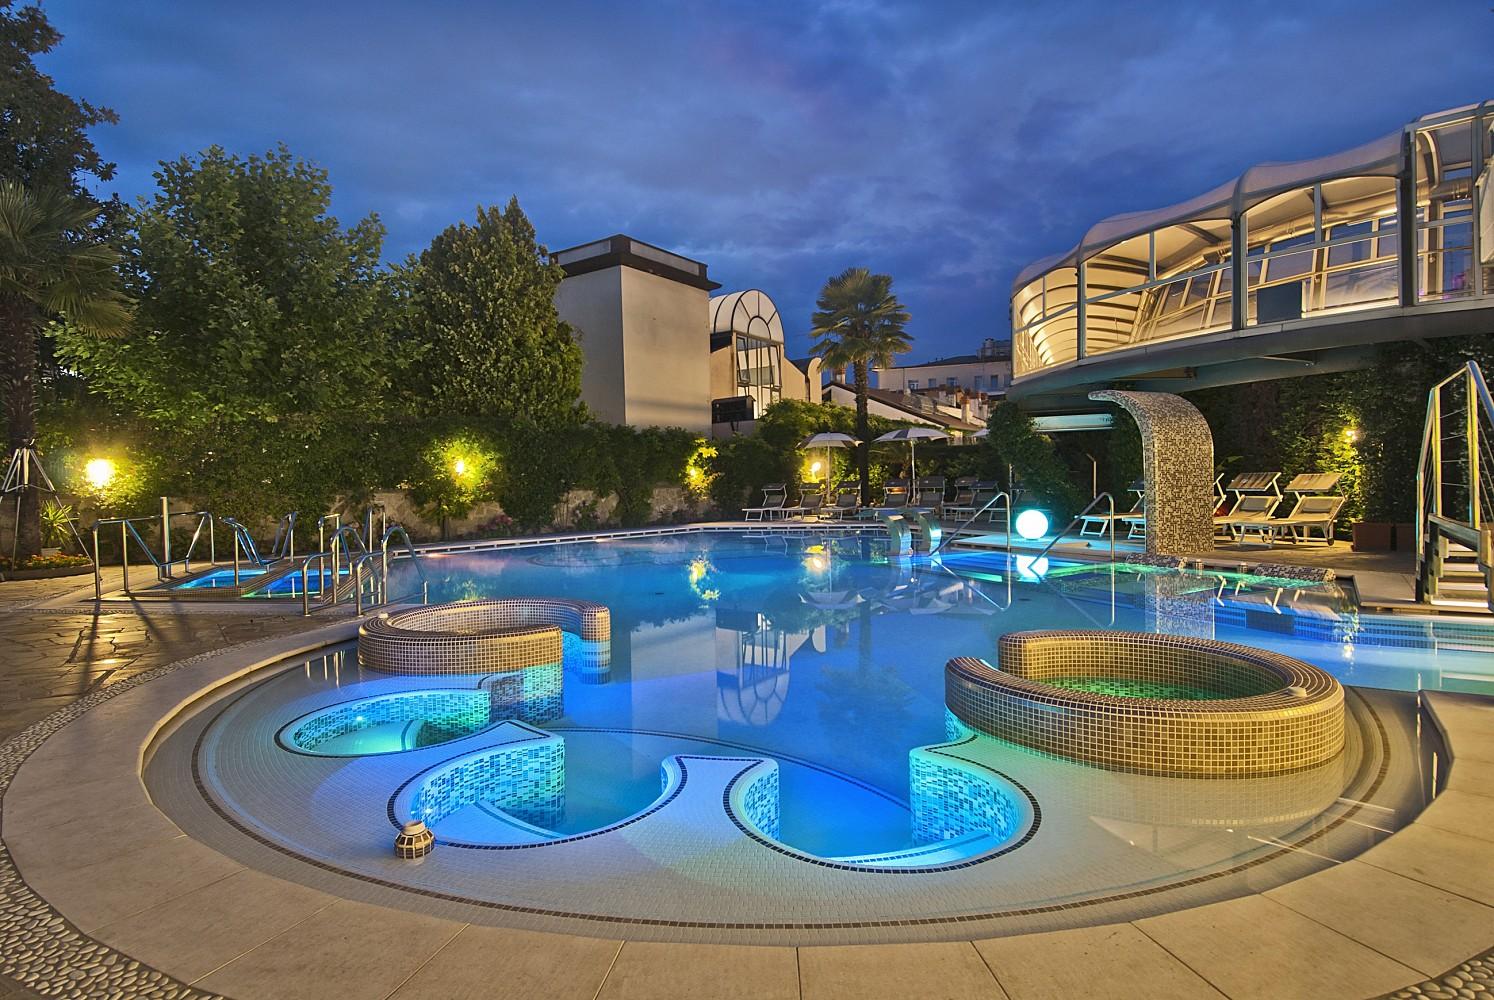 Formentin terme abano montegrotto - Montegrotto piscine termali ...